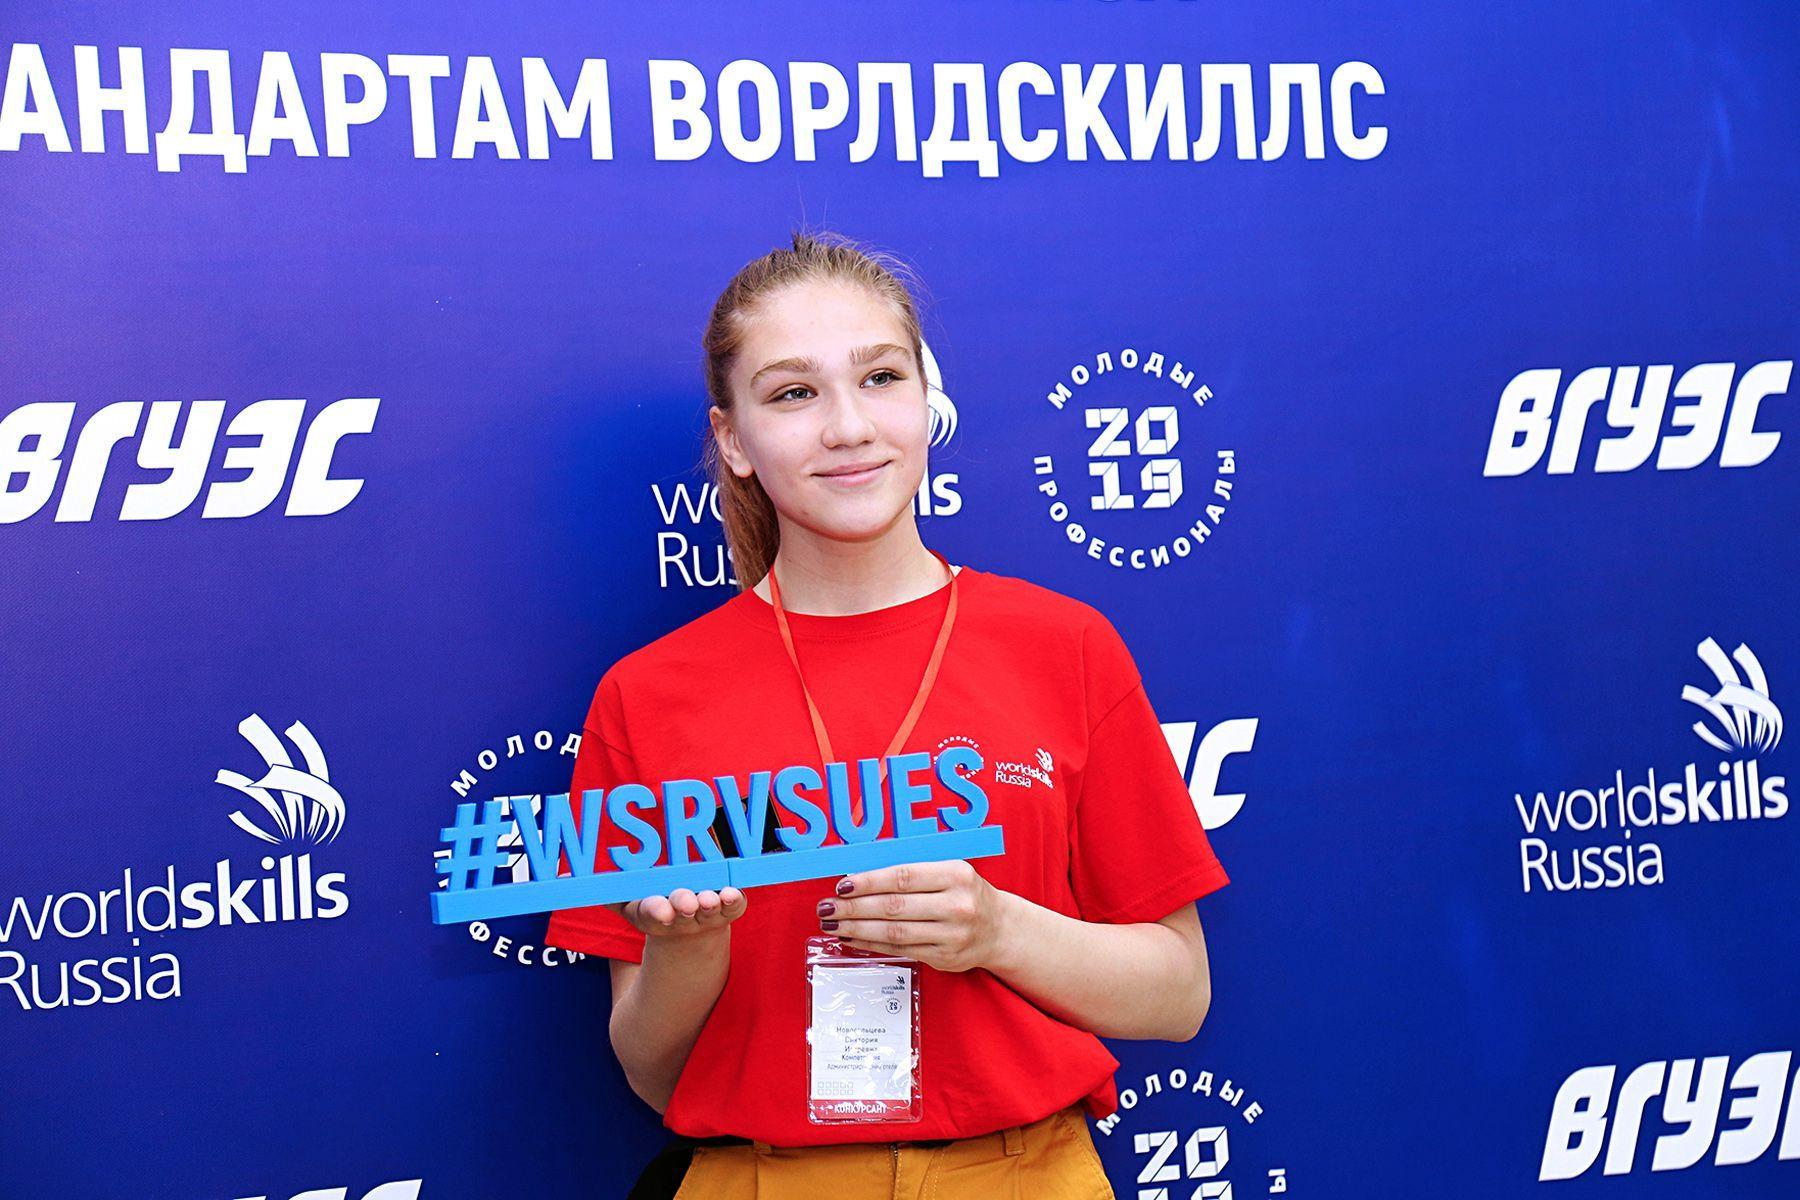 С песнями, флагами и в приподнятом настроении: во ВГУЭС открылся III отборочный чемпионат по стандартам WorldSkills